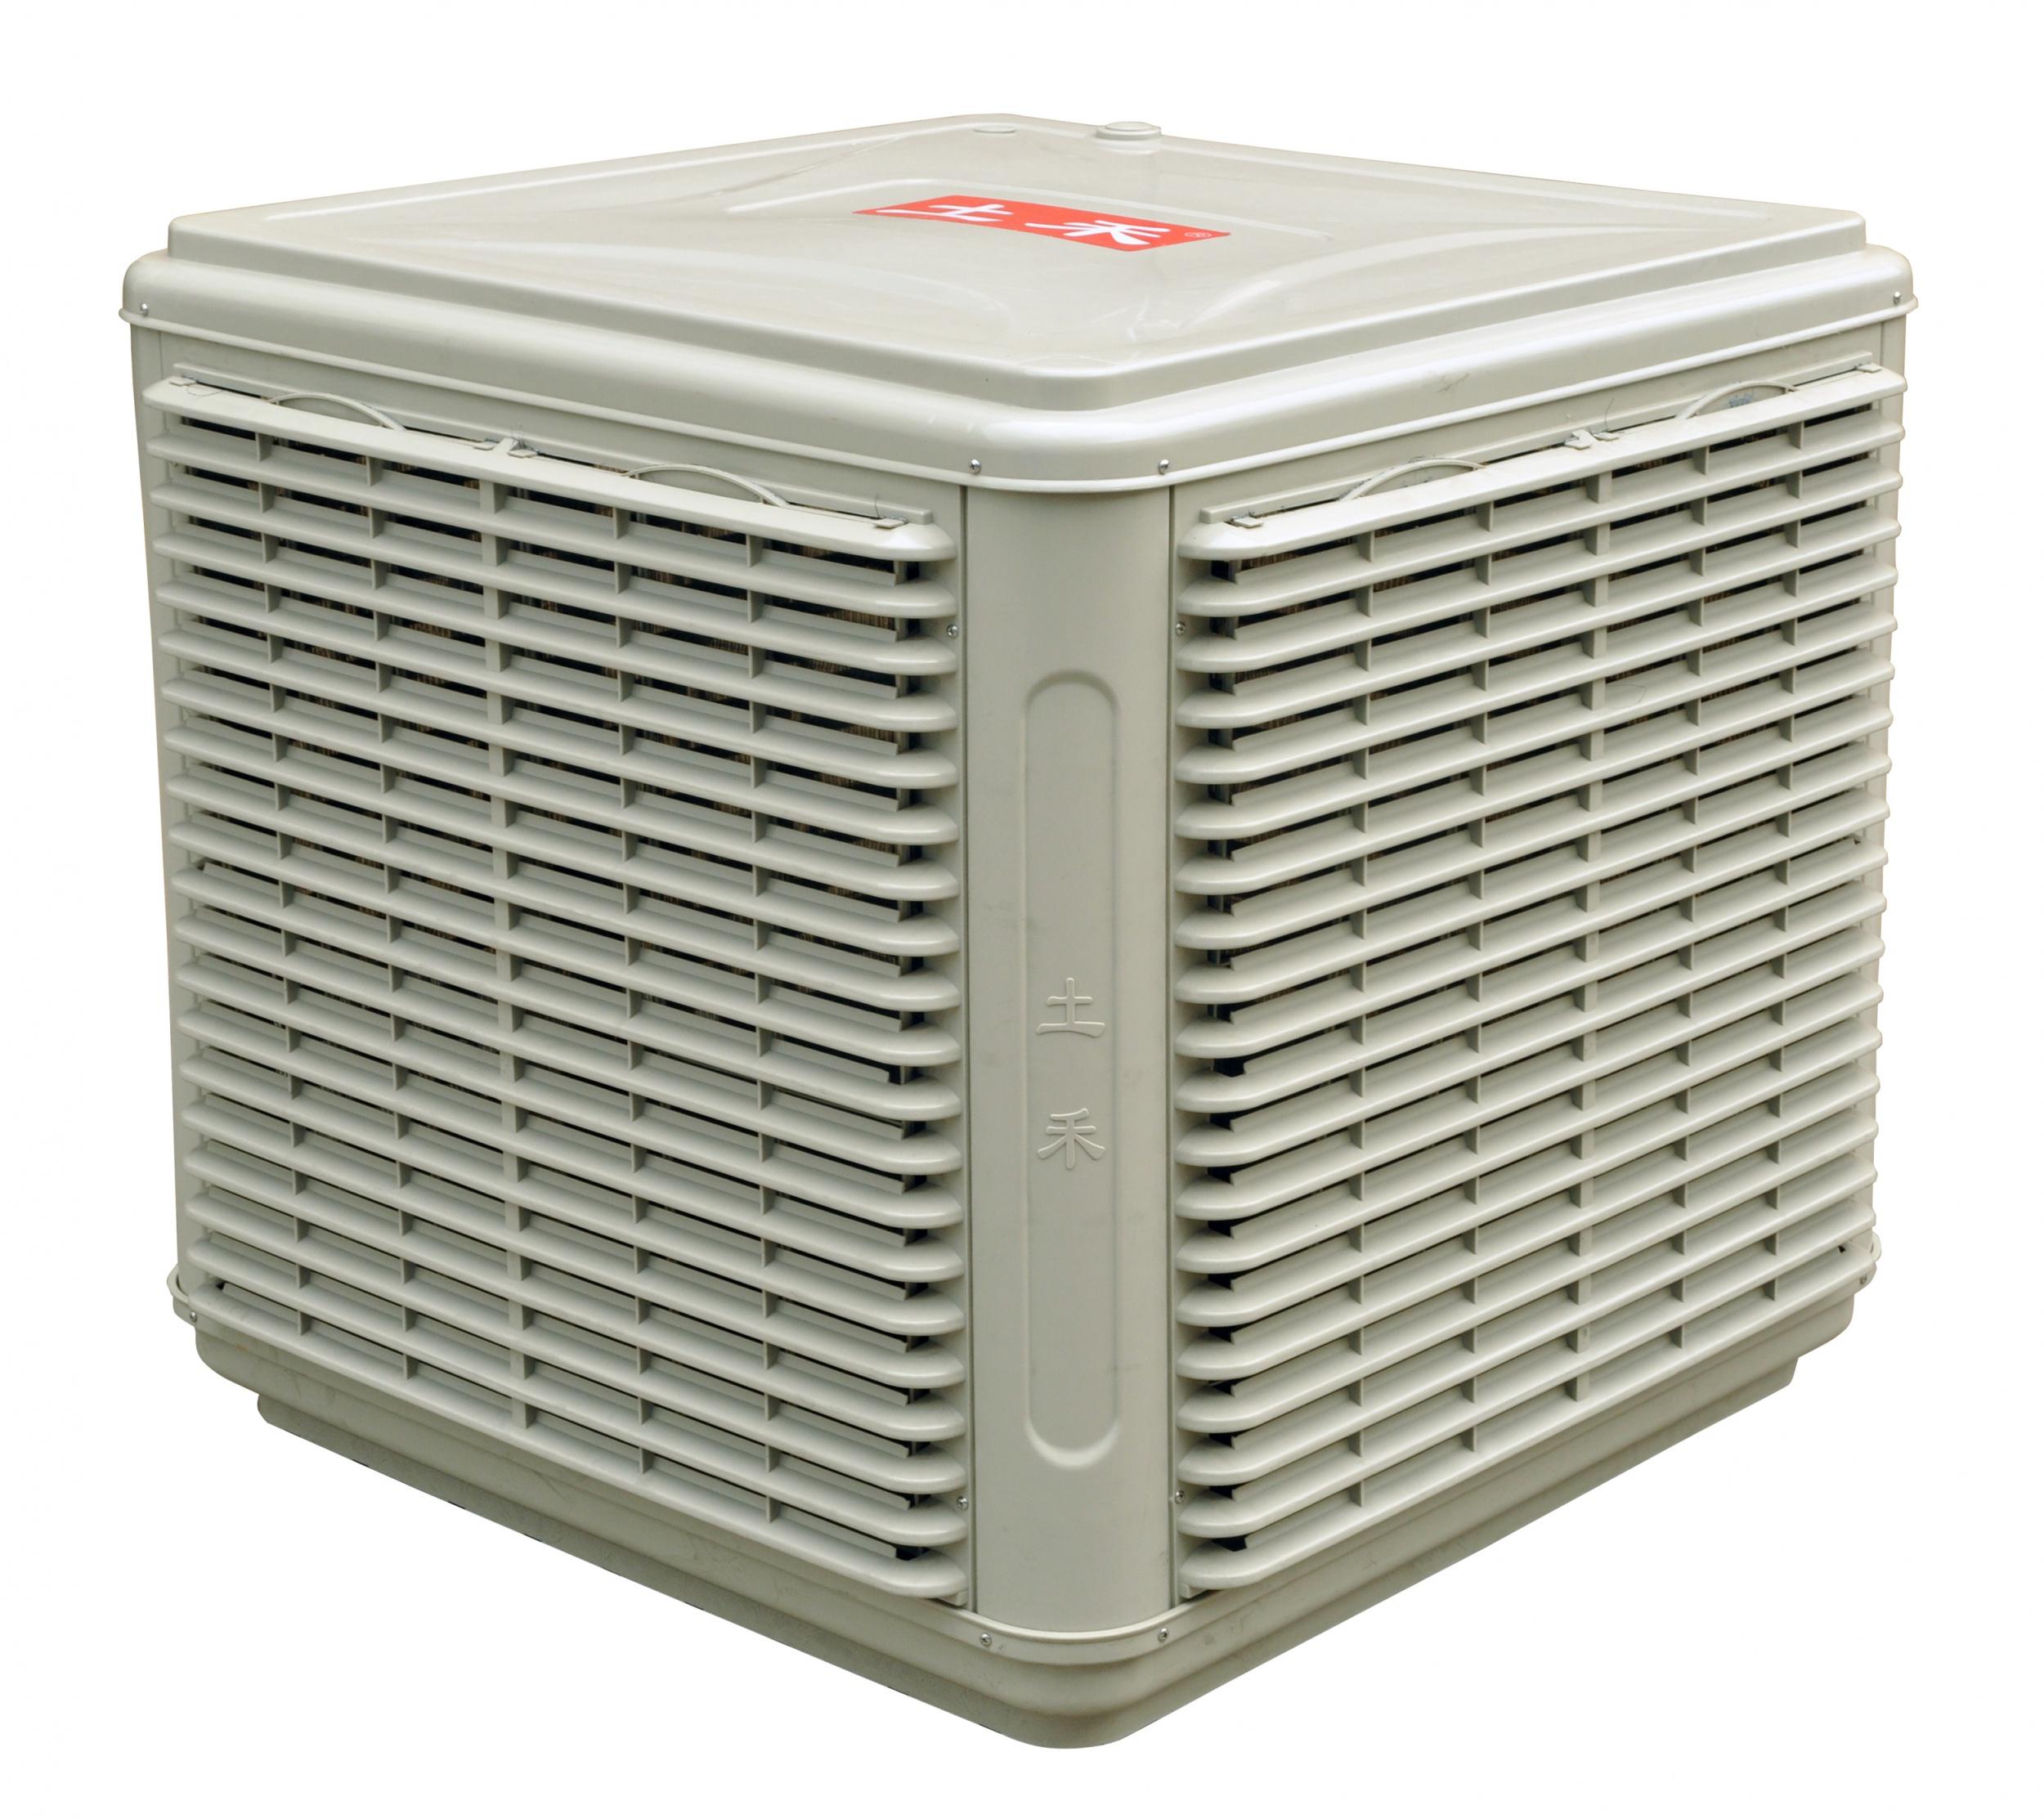 许多厂区车间都愿意选择土禾环保空调